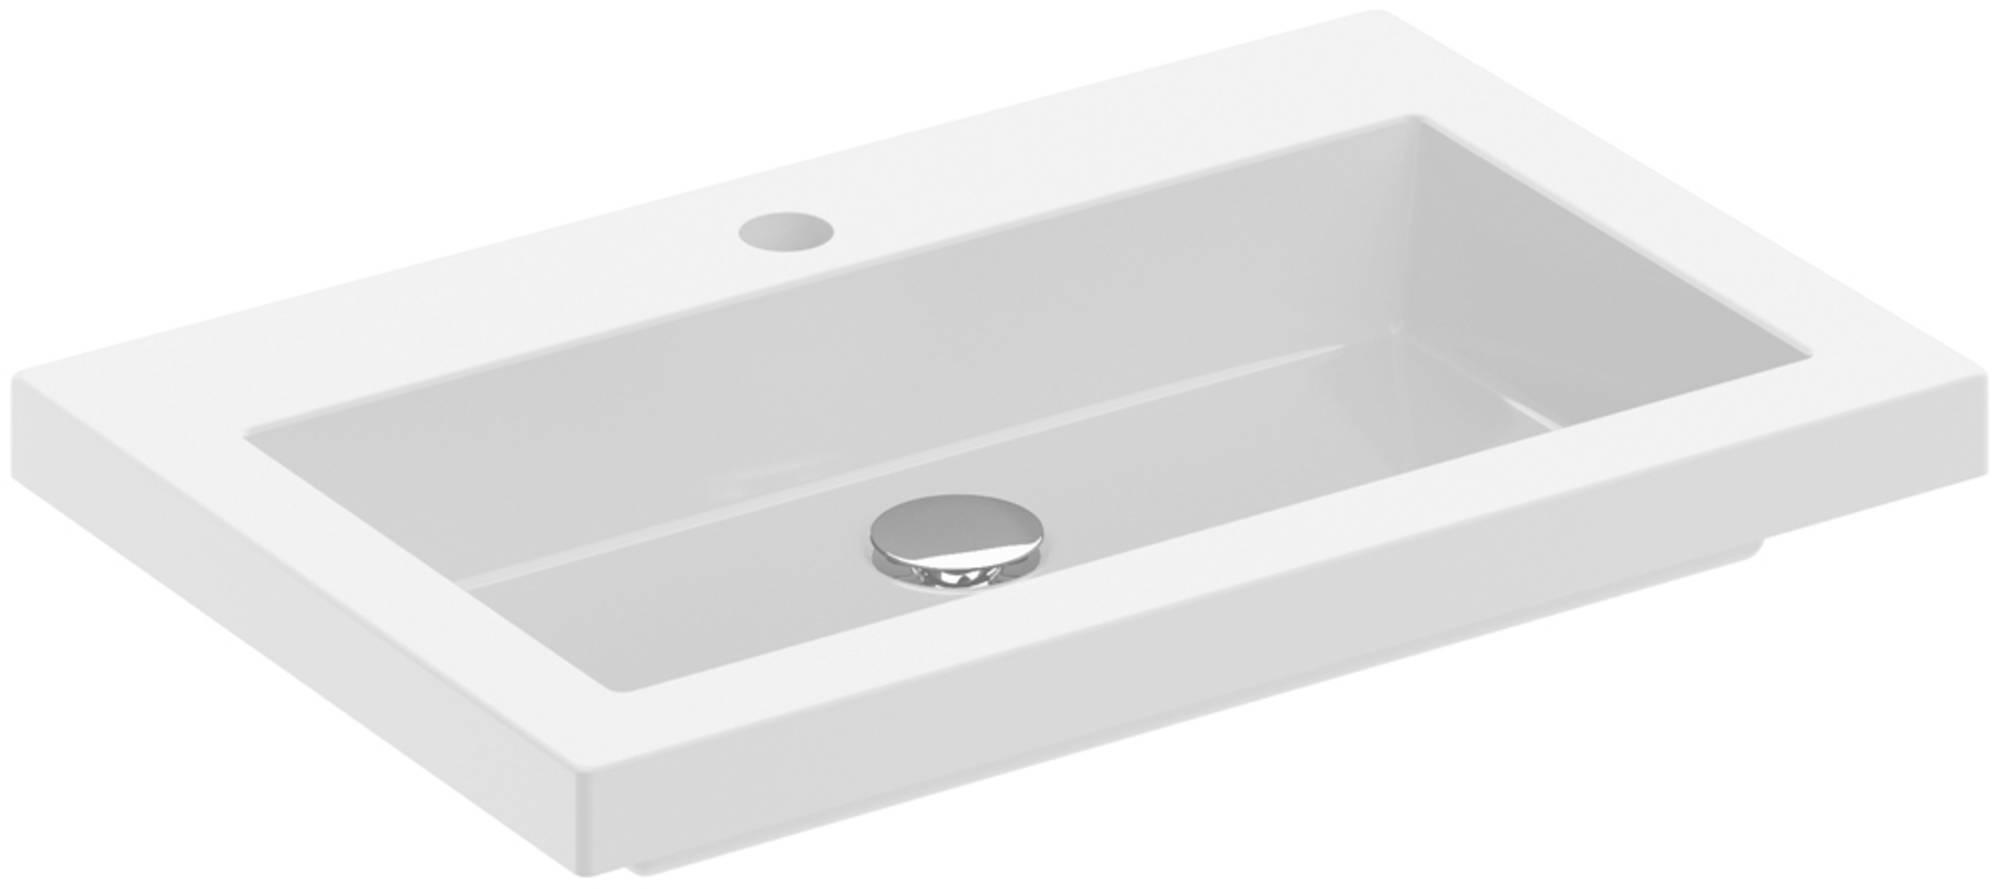 Saniselect Slimline Square 2.0 Wastafelblad 1Kgr. 60x40 cm Wit